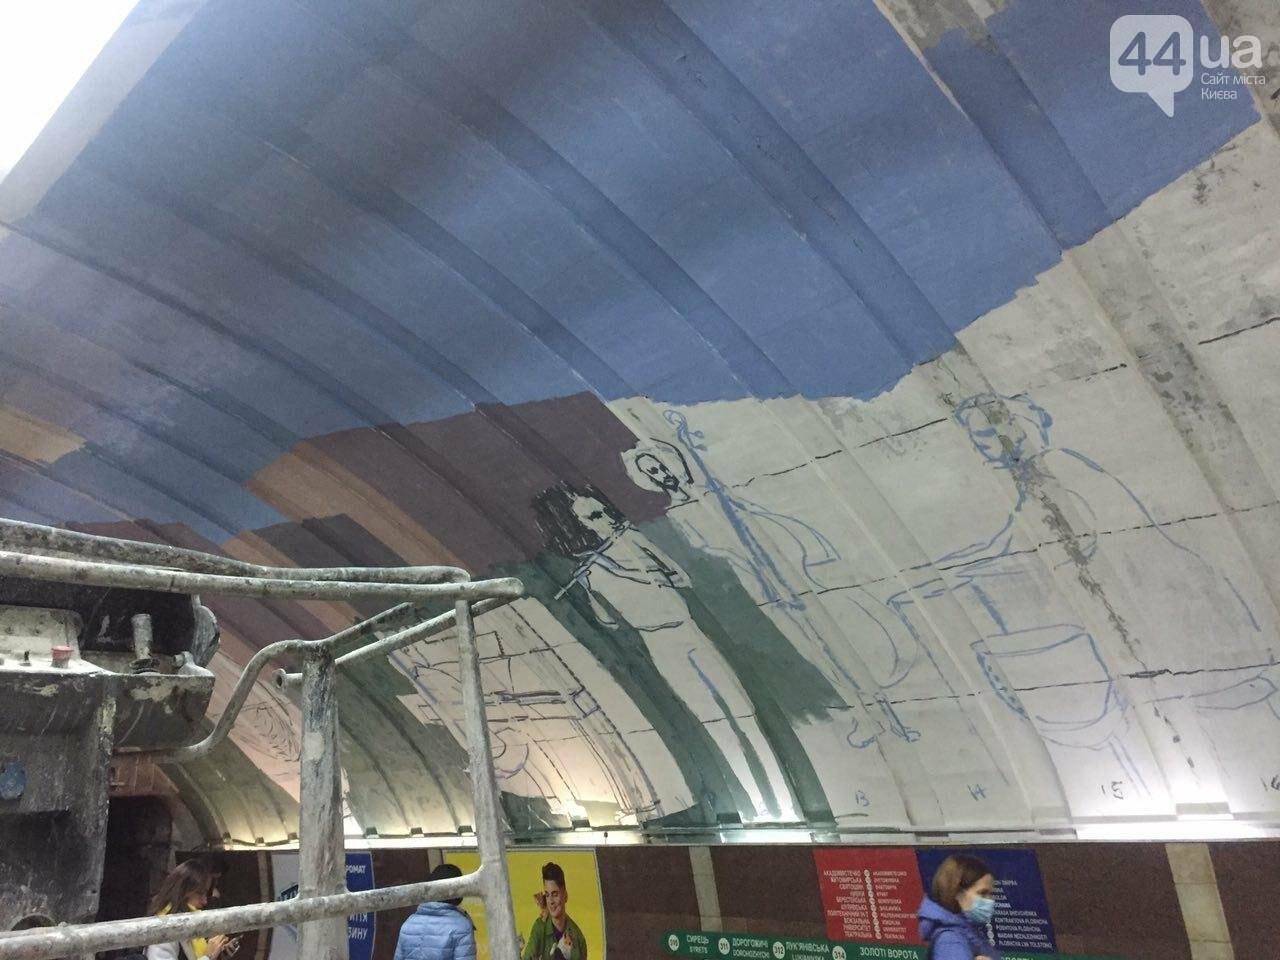 Арт-Осокорки: на станции сформировали 2 эскиза будущей росписи, - ФОТОФАКТ, фото-2